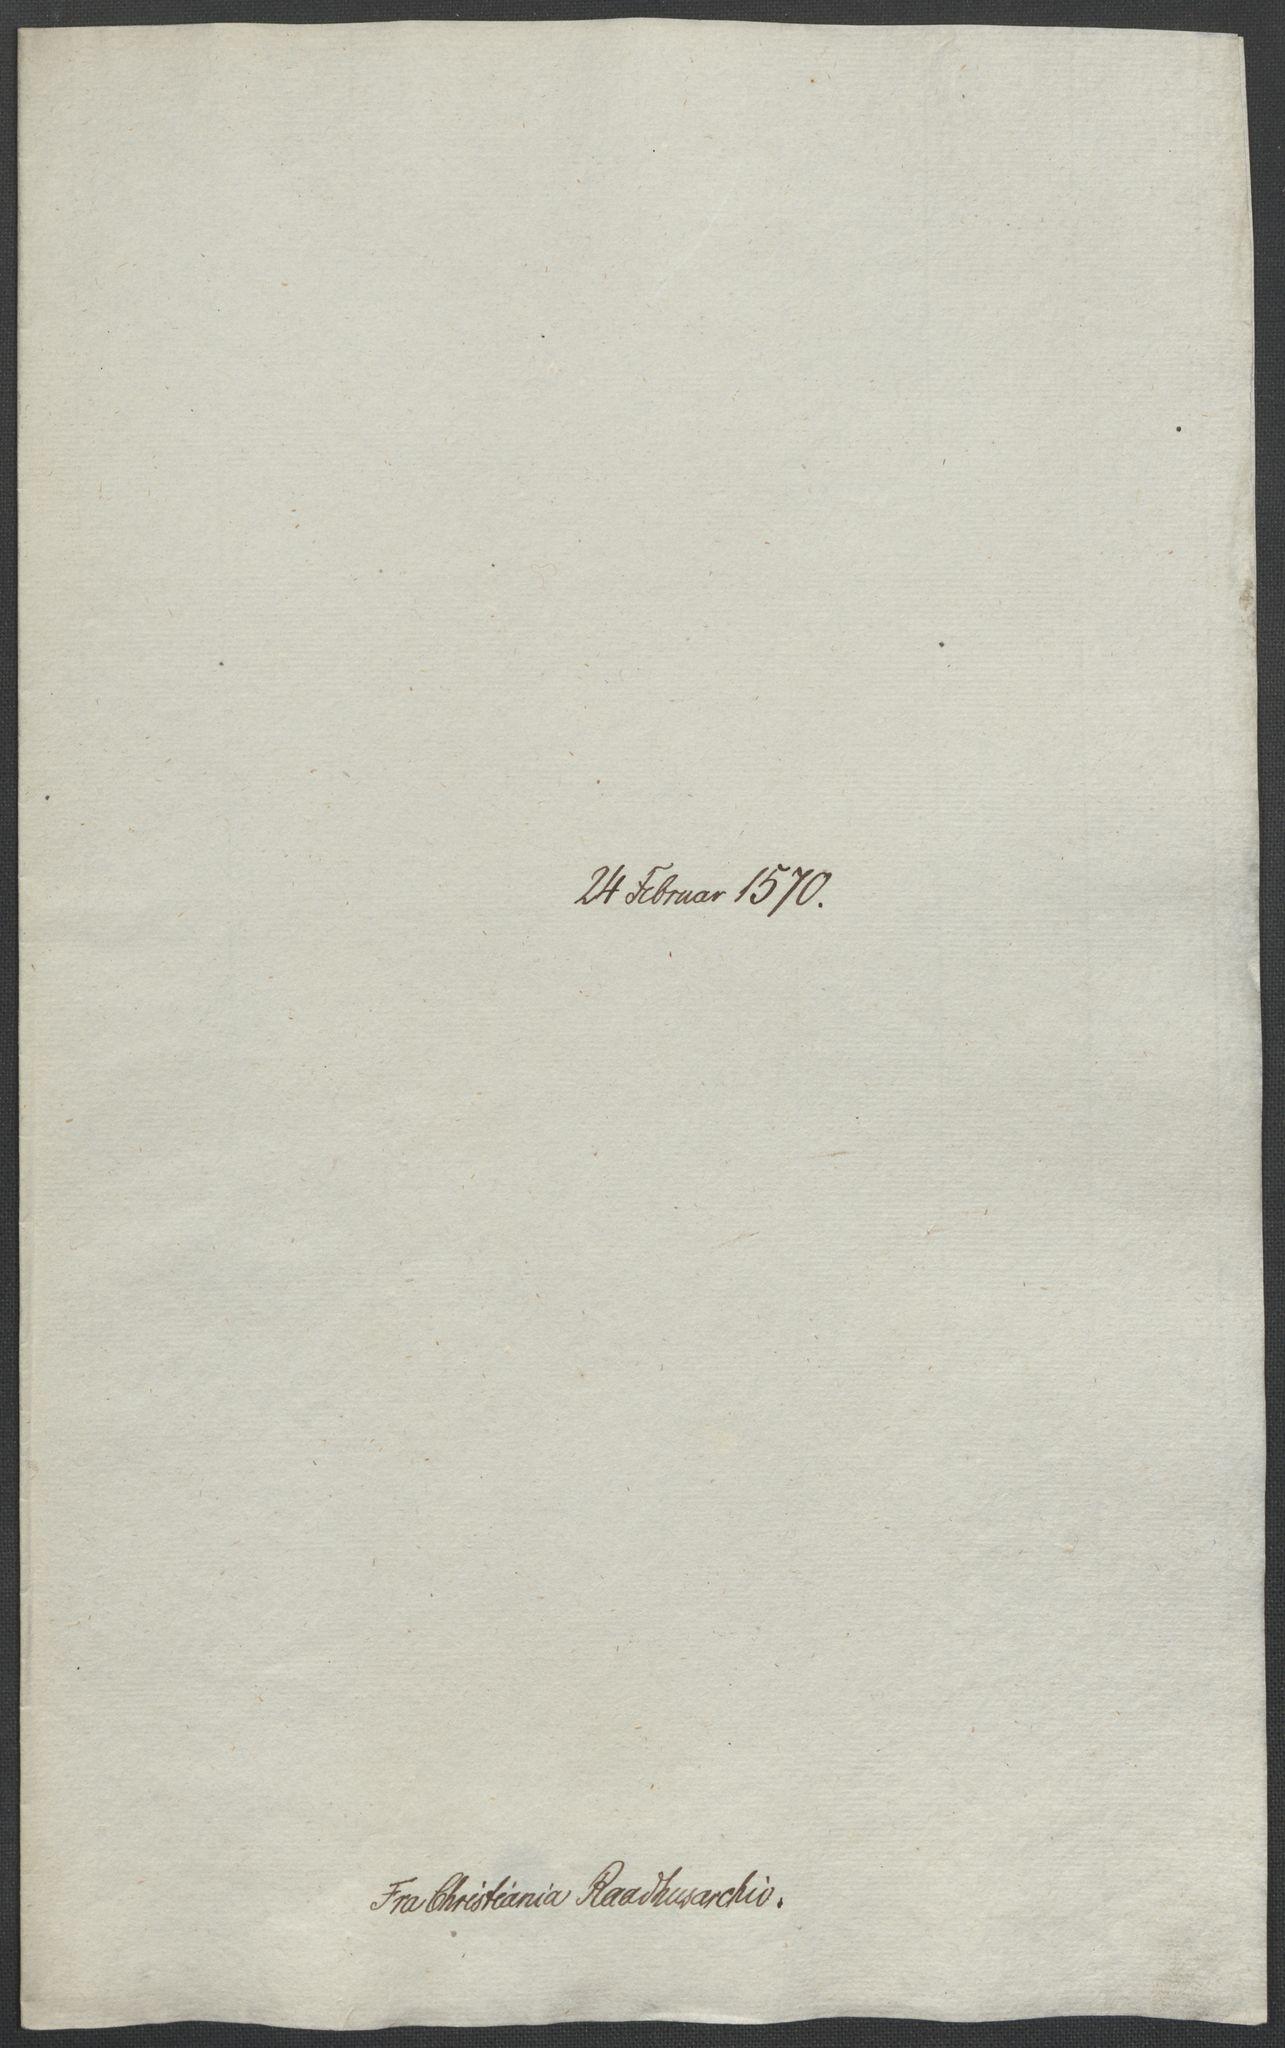 RA, Riksarkivets diplomsamling, F02/L0075: Dokumenter, 1570-1571, s. 7